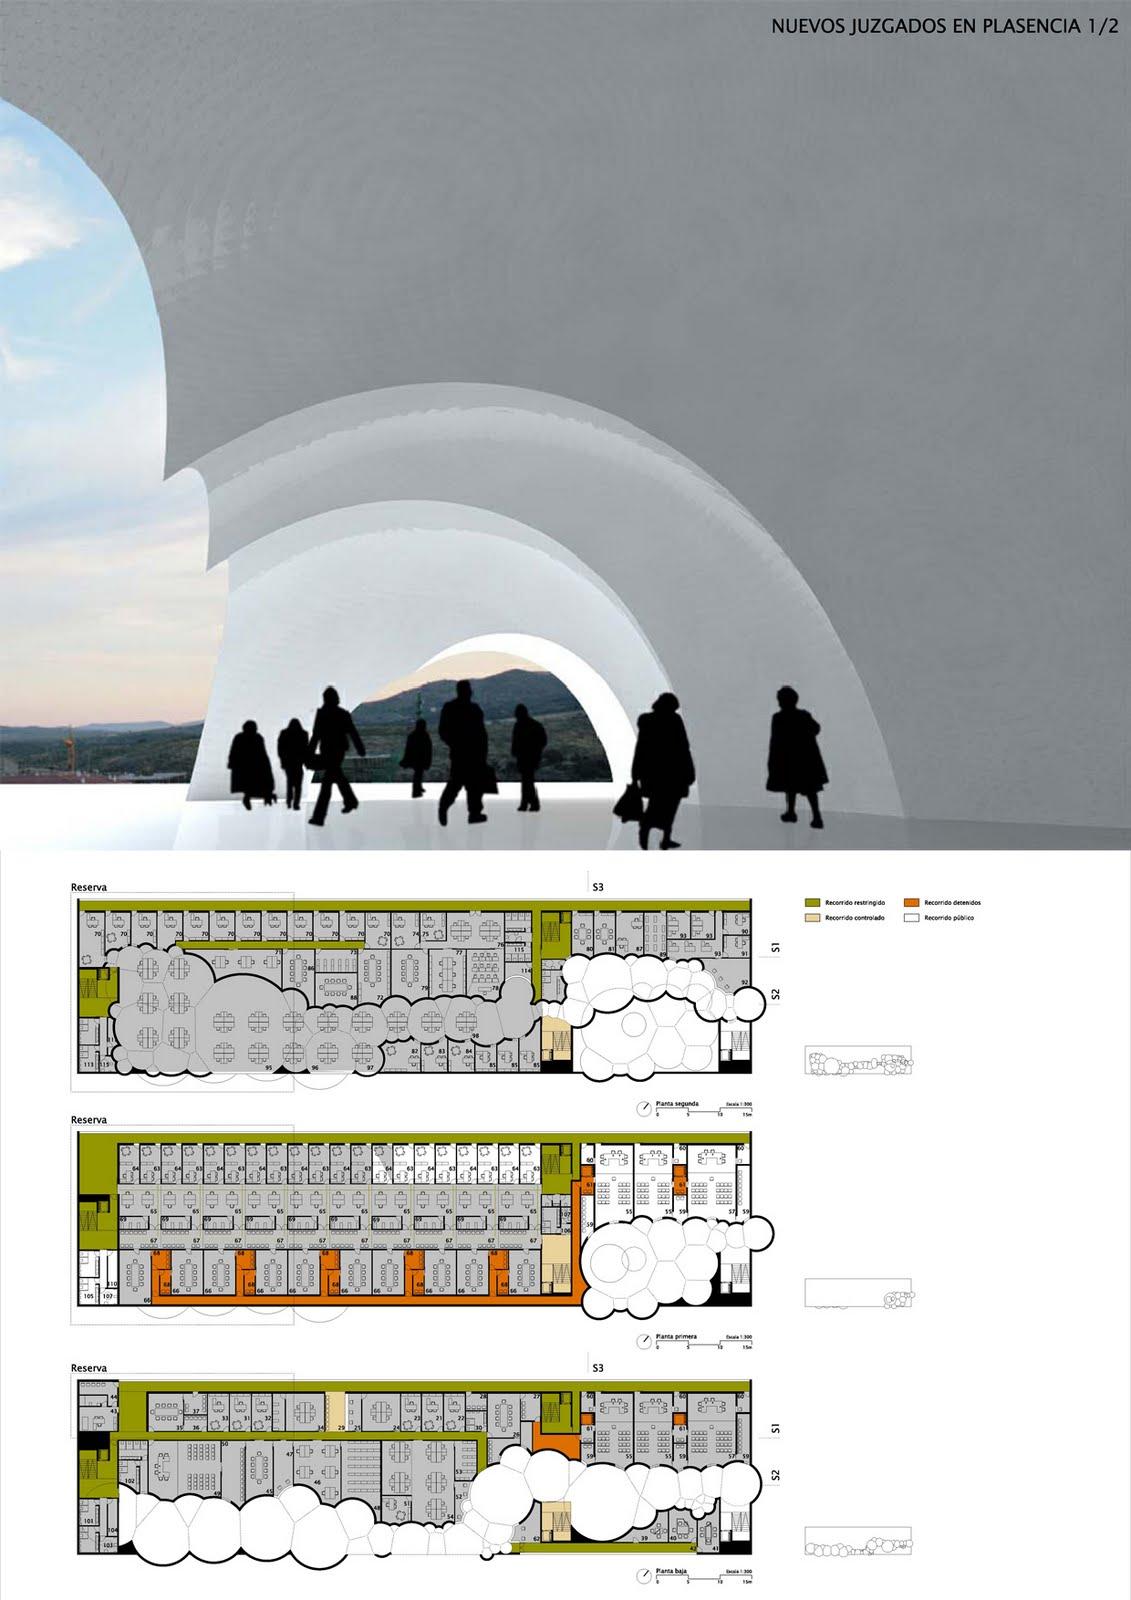 G lvez algeciras nuevo edificio de juzgados en for Juzgados de plasencia